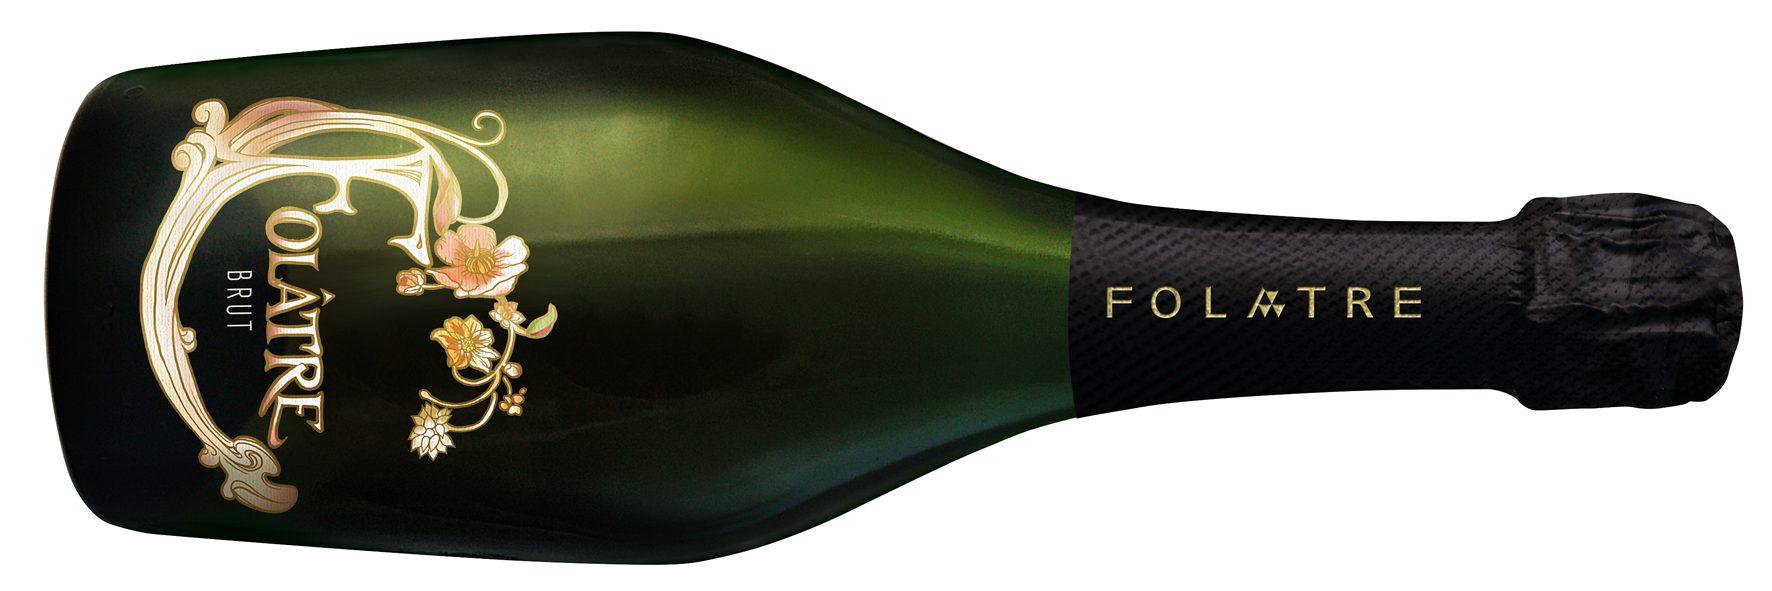 Viña Folâtre presenta nueva imagen de su Espumante Brut